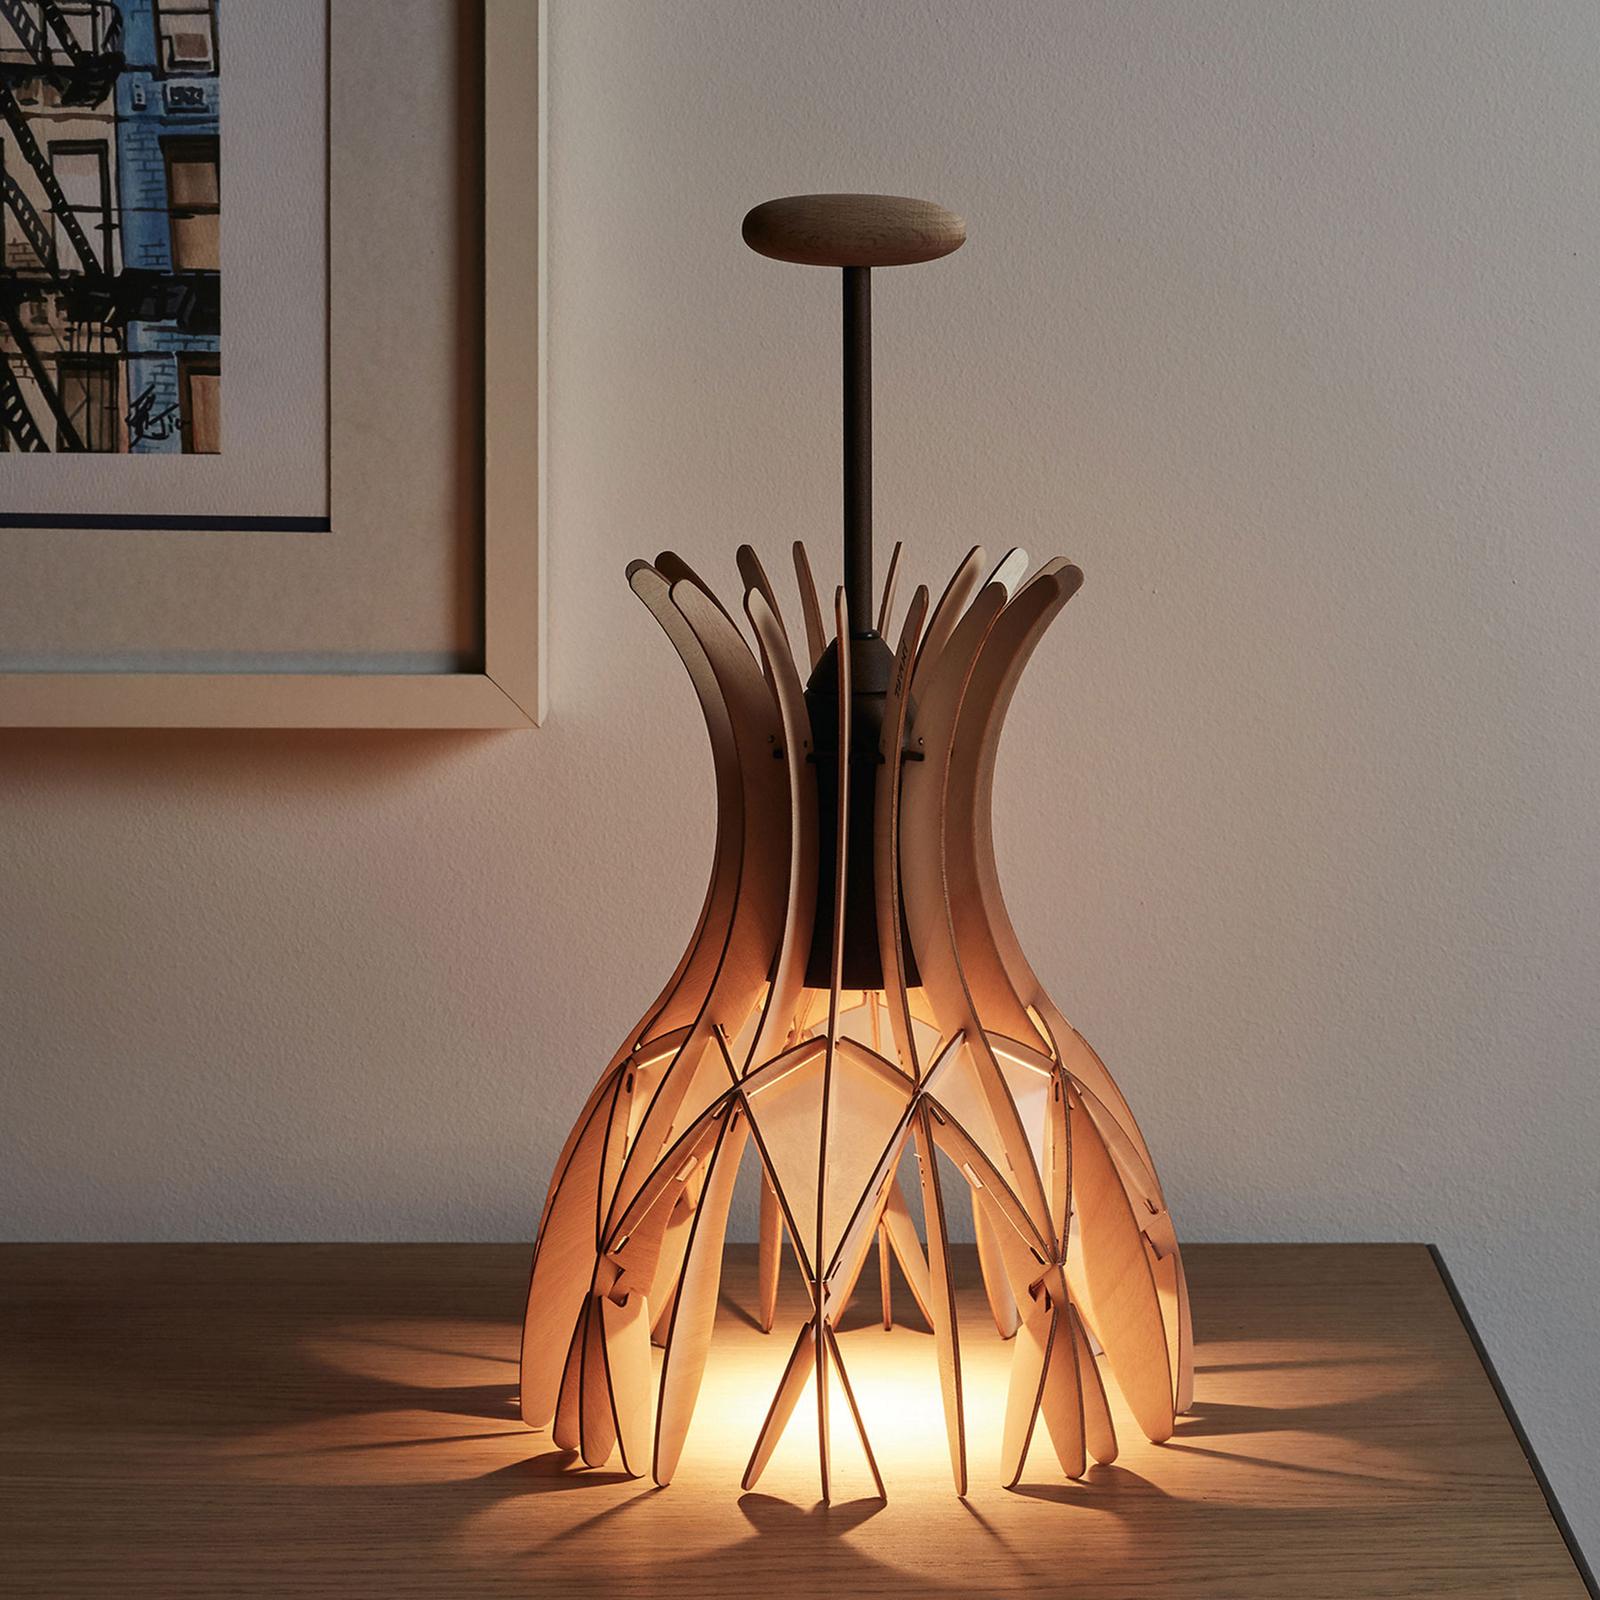 Bover Domita M/36 lampe à poser bois, brune/hêtre